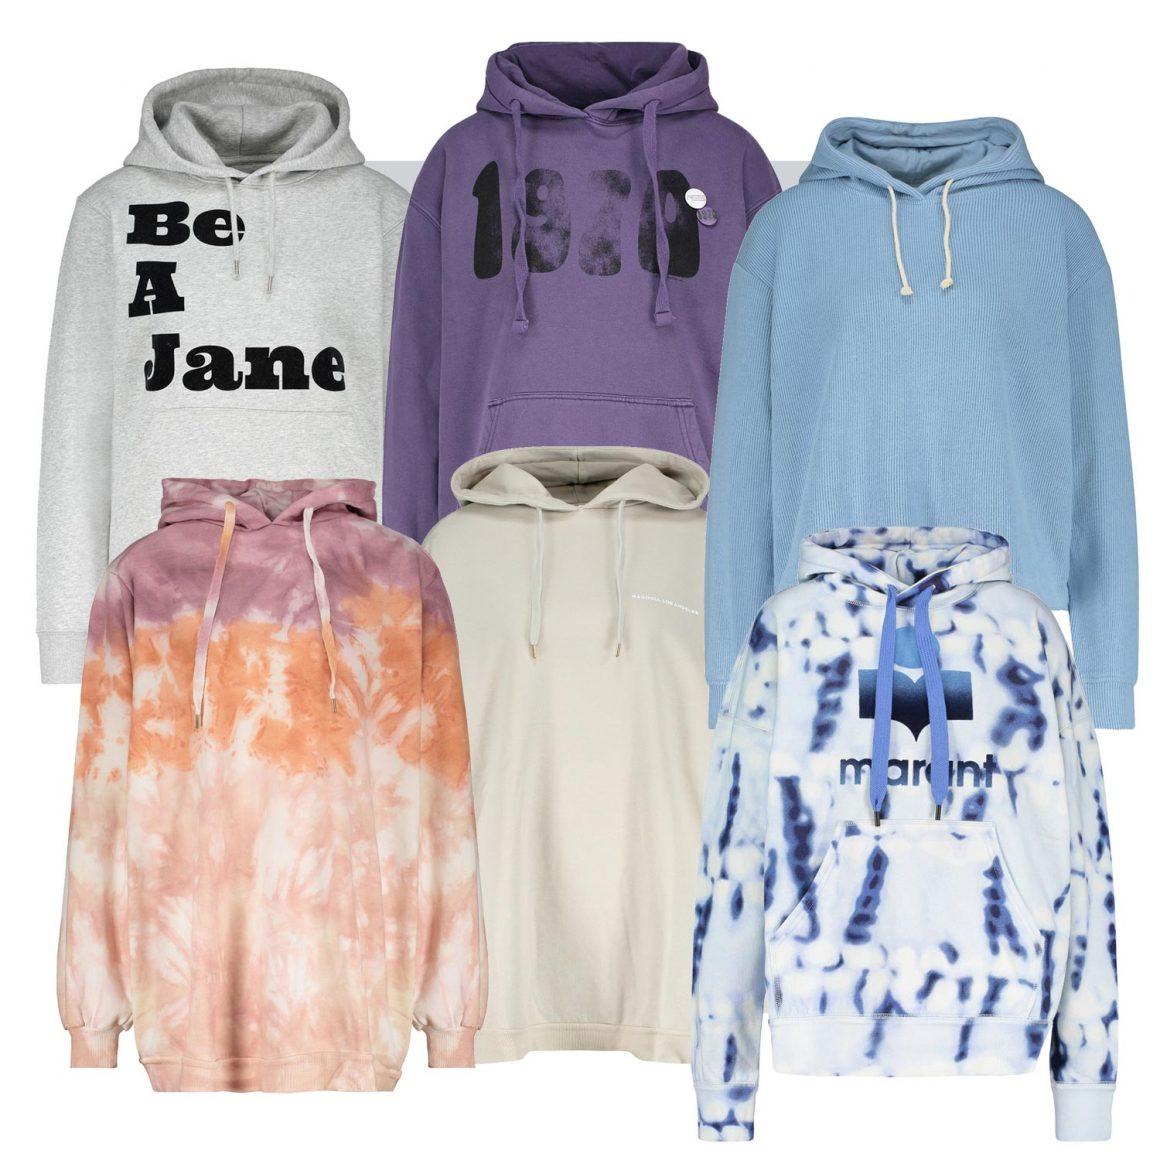 Sélection de hoodies à retrouver chez Jane de Boy